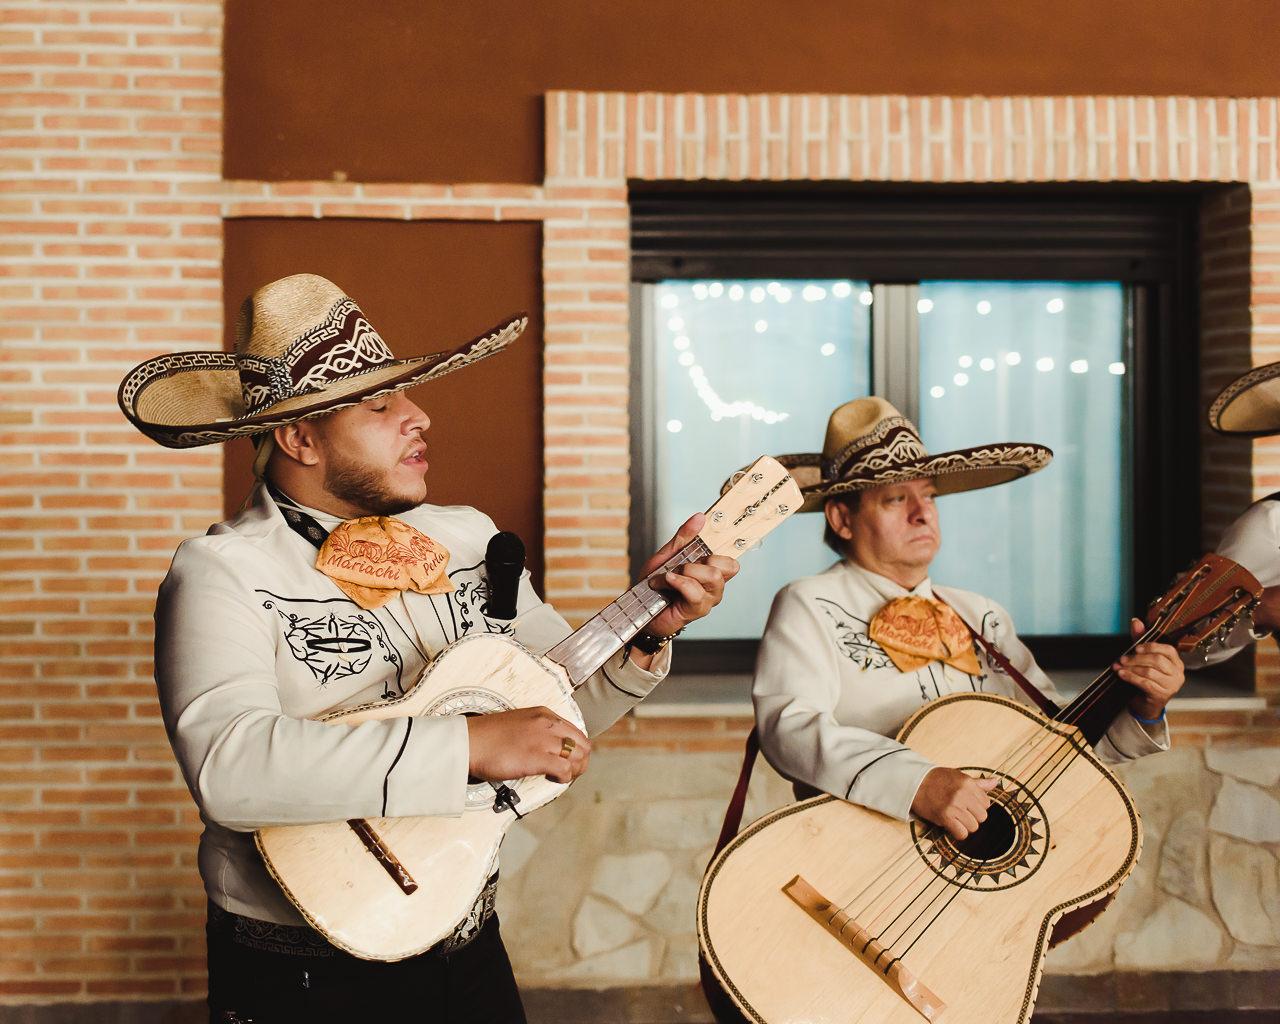 Boda Mexicana Toledo